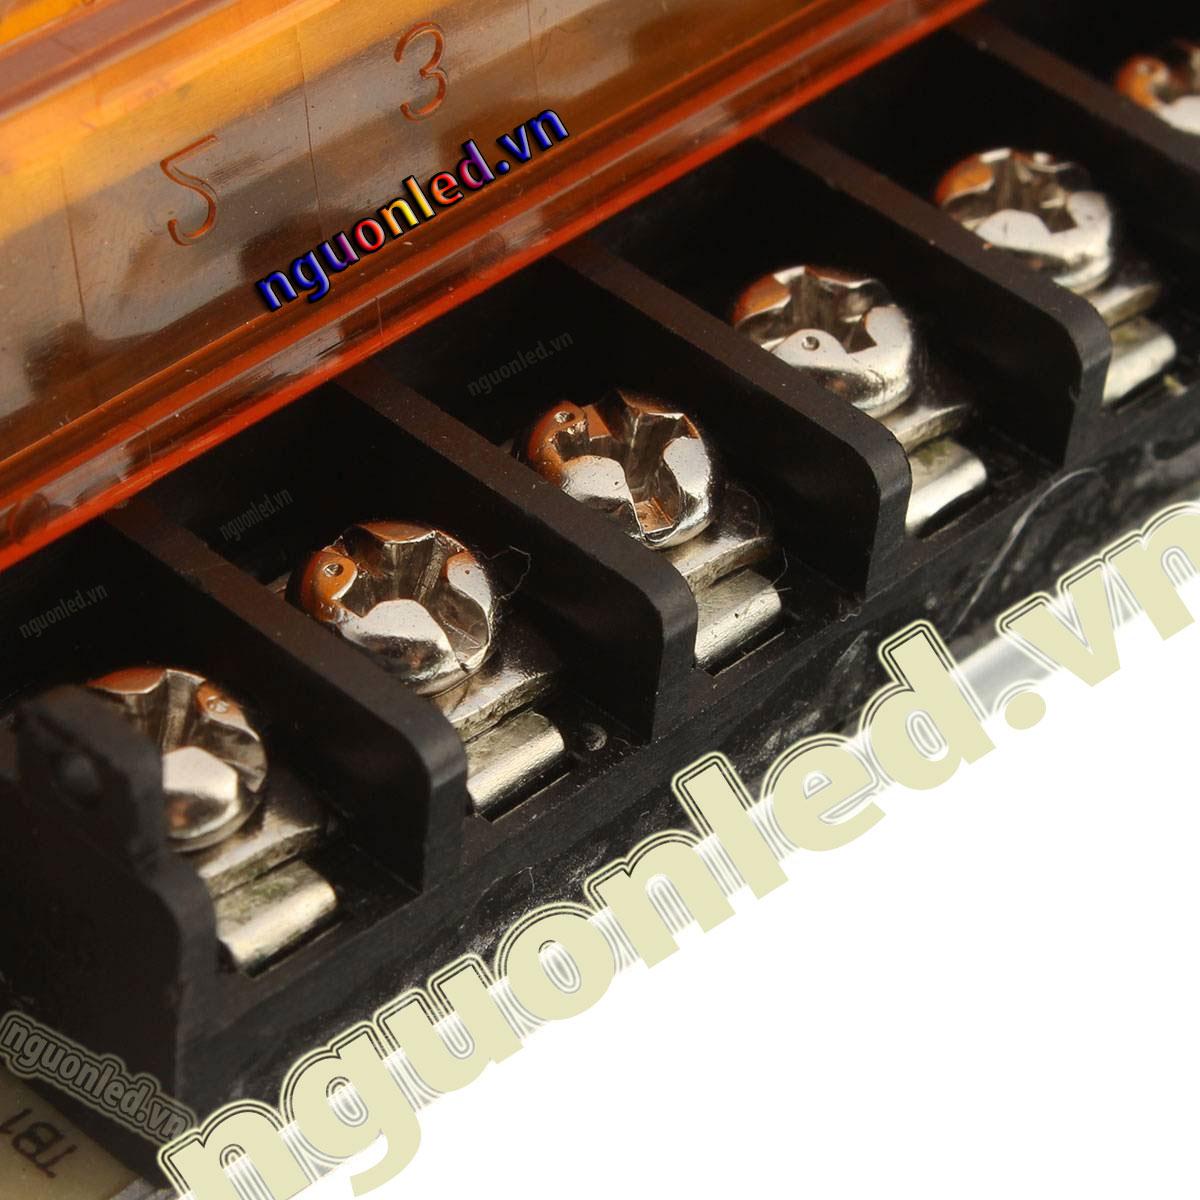 Nguồn led 12v 33A loại tốt dùng cho camera, đèn led và điện công nghiệp